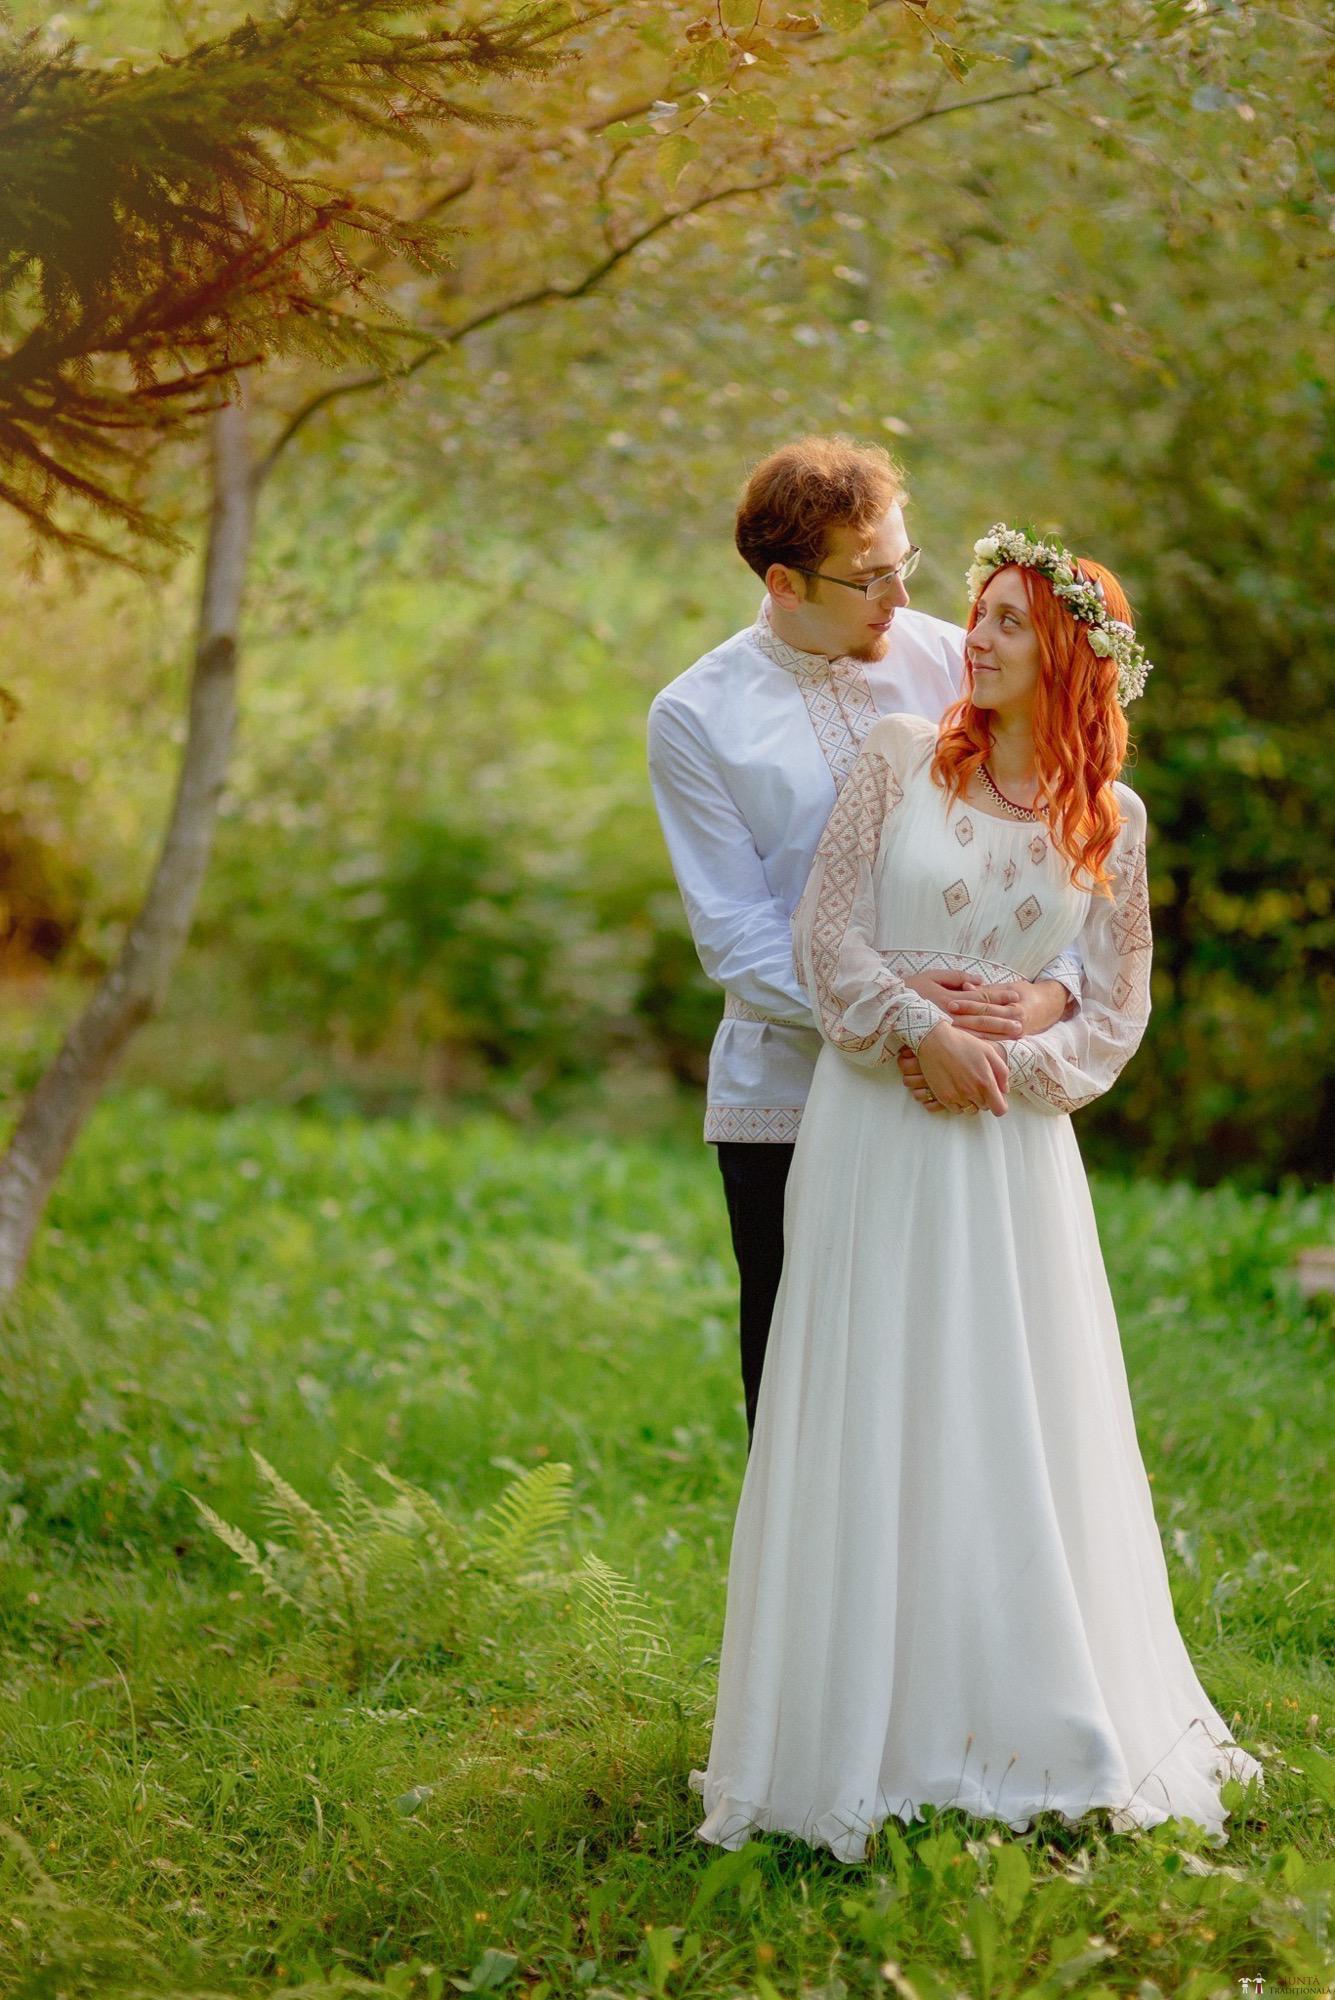 Povești Nunți Tradiționale - Aurelian și Sonia. Nuntă tradițională în Câmpulung Moldovenesc 41